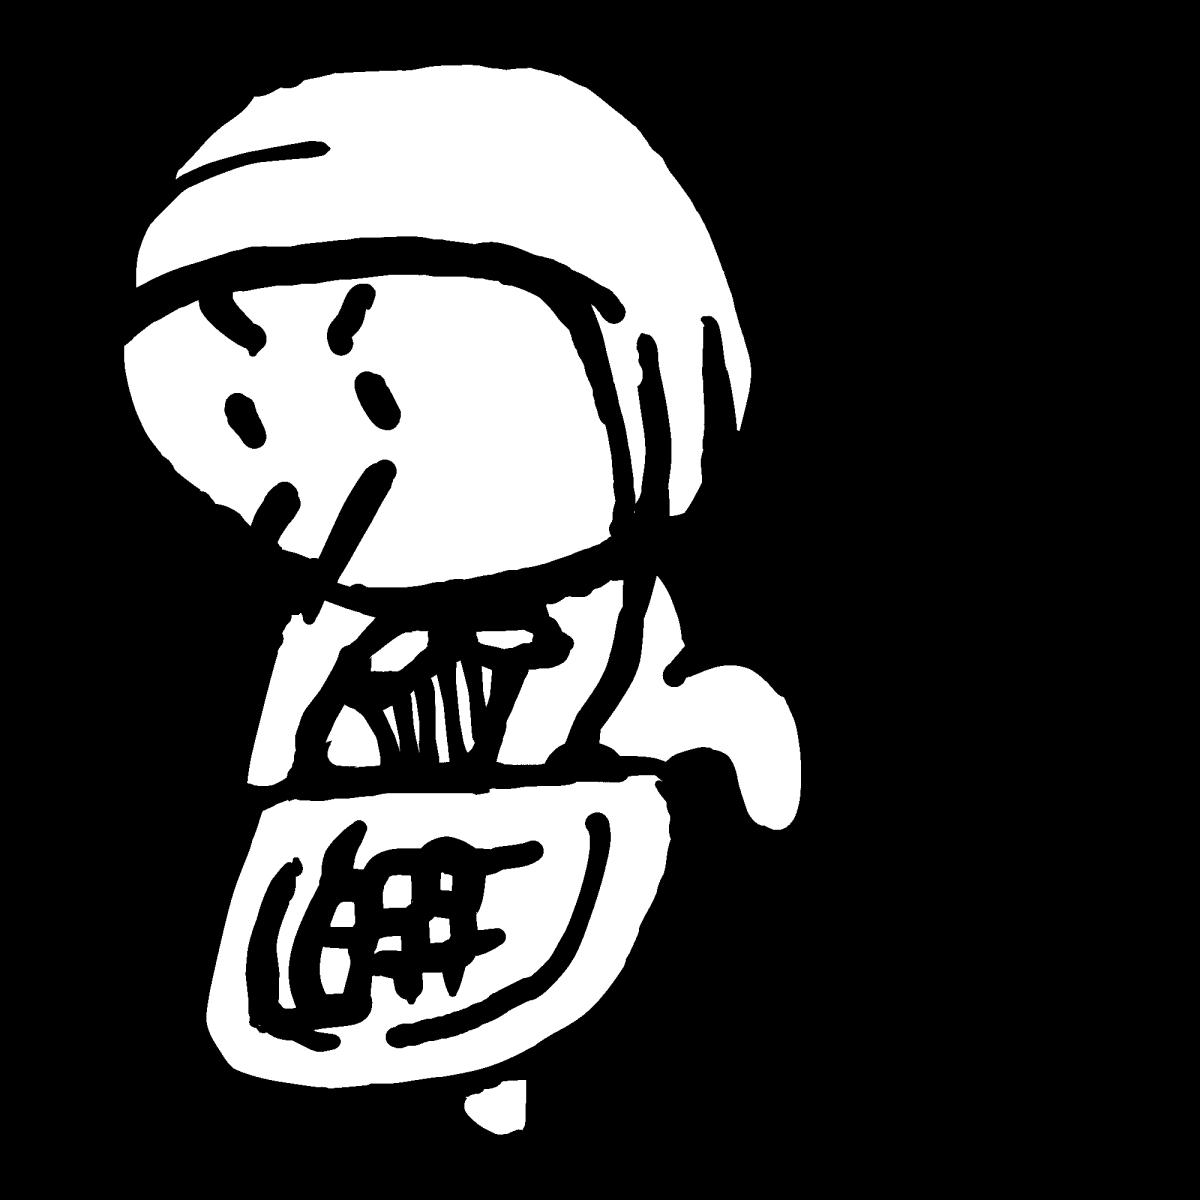 どじょうすくい1のイラスト / Japanese loach scoop dance1 Illustration